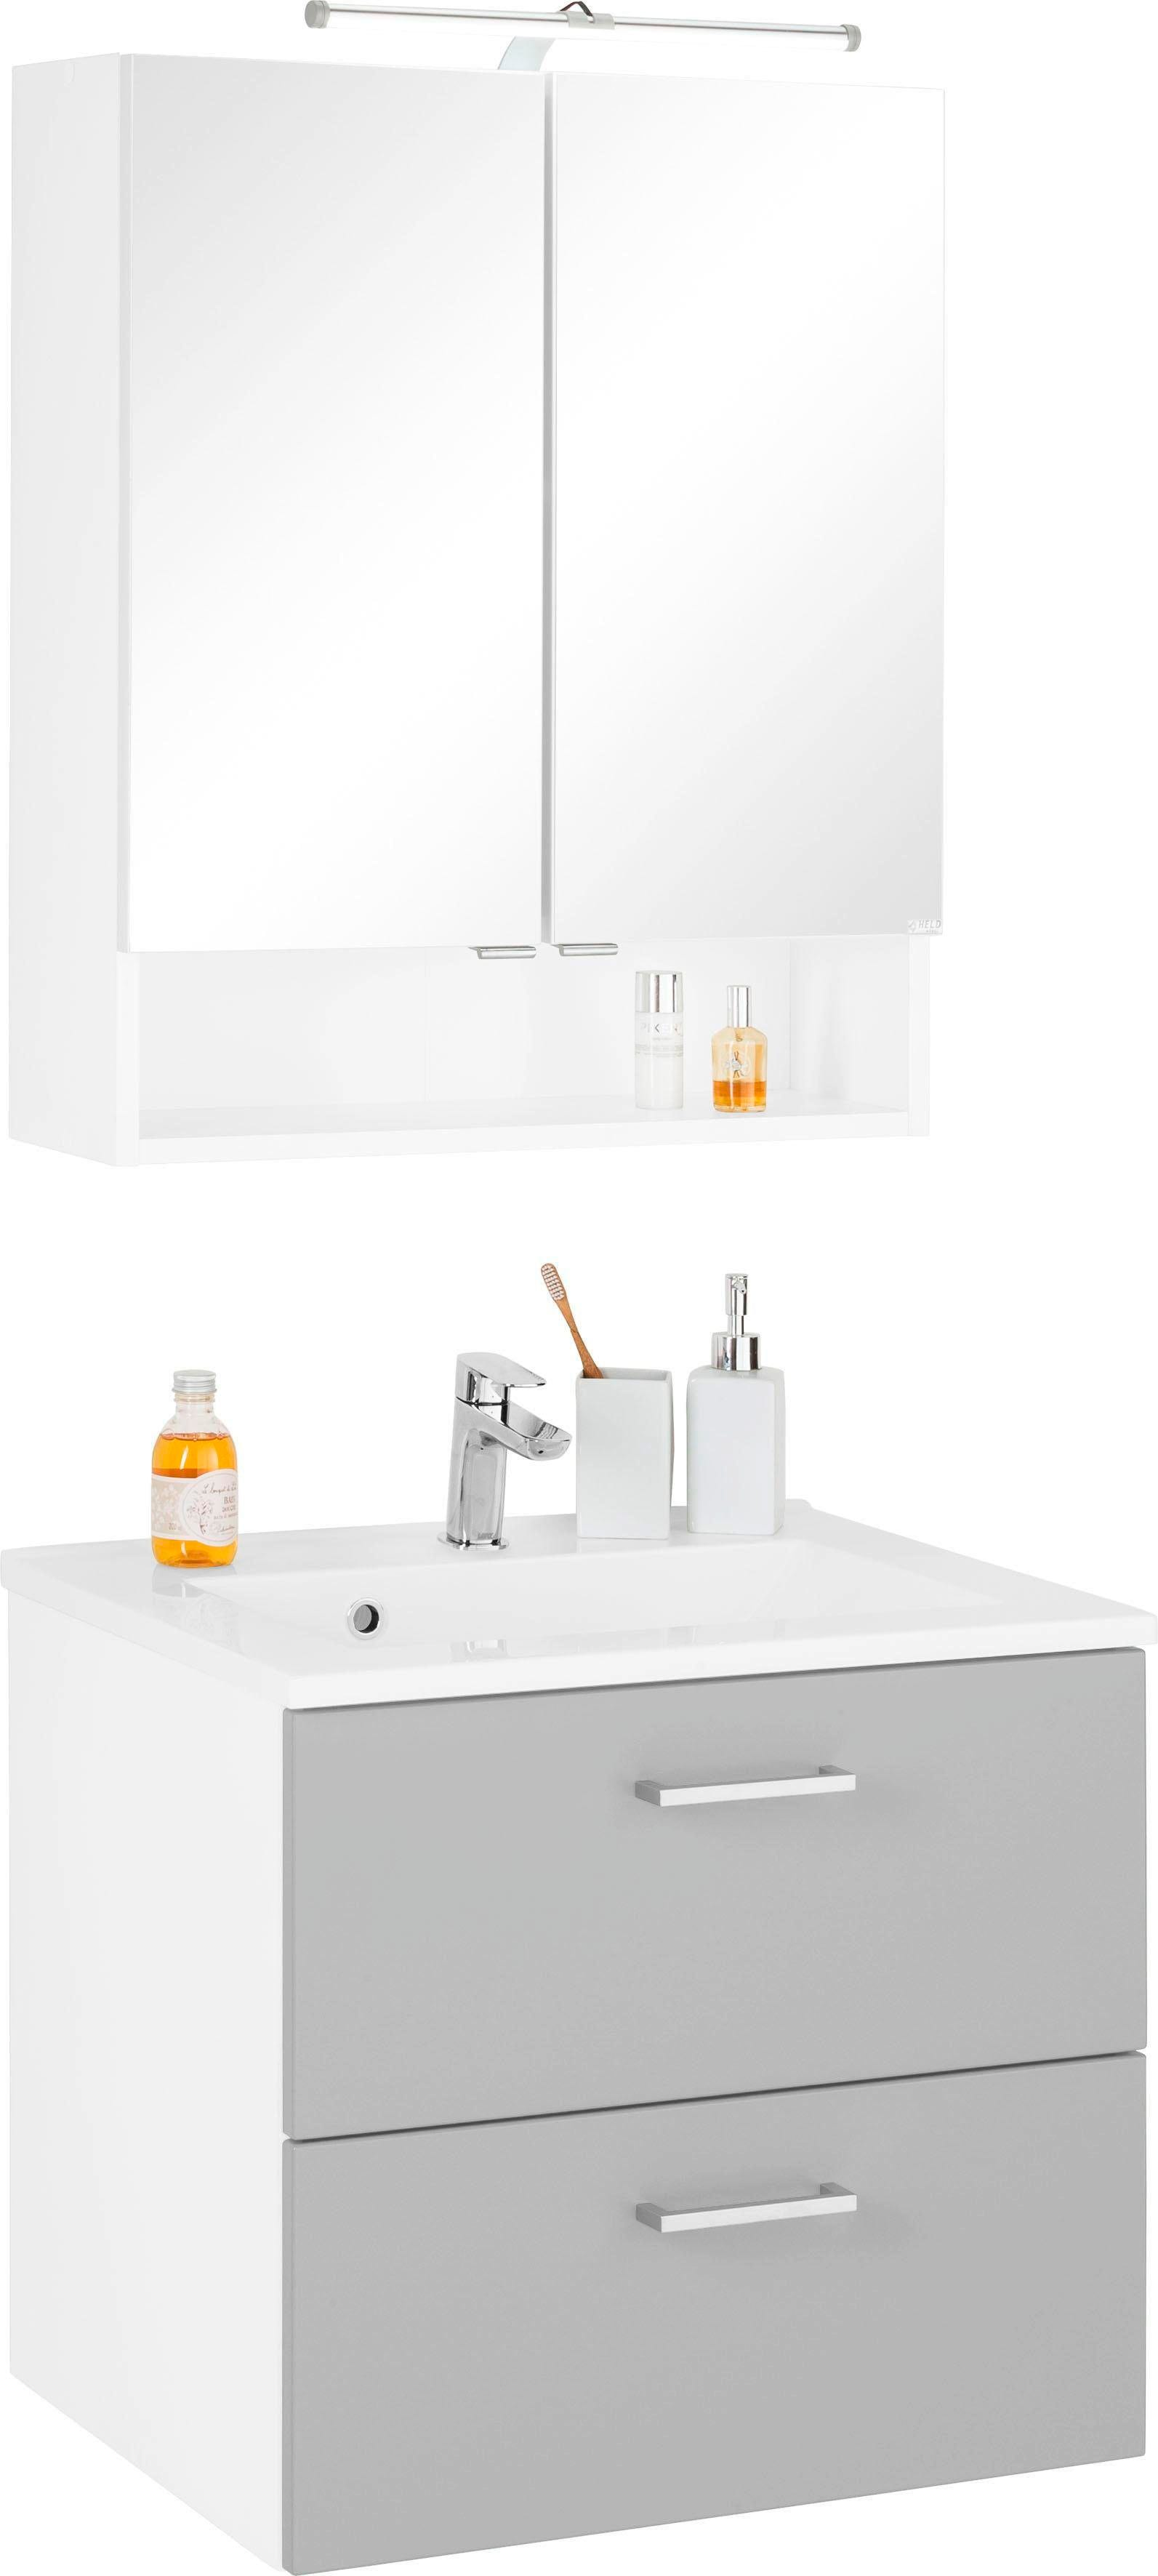 HELD MÖBEL Badmöbel-Set Ribera, (2 tlg.), Spiegelschrank Breite 60 cm, Wasc günstig online kaufen